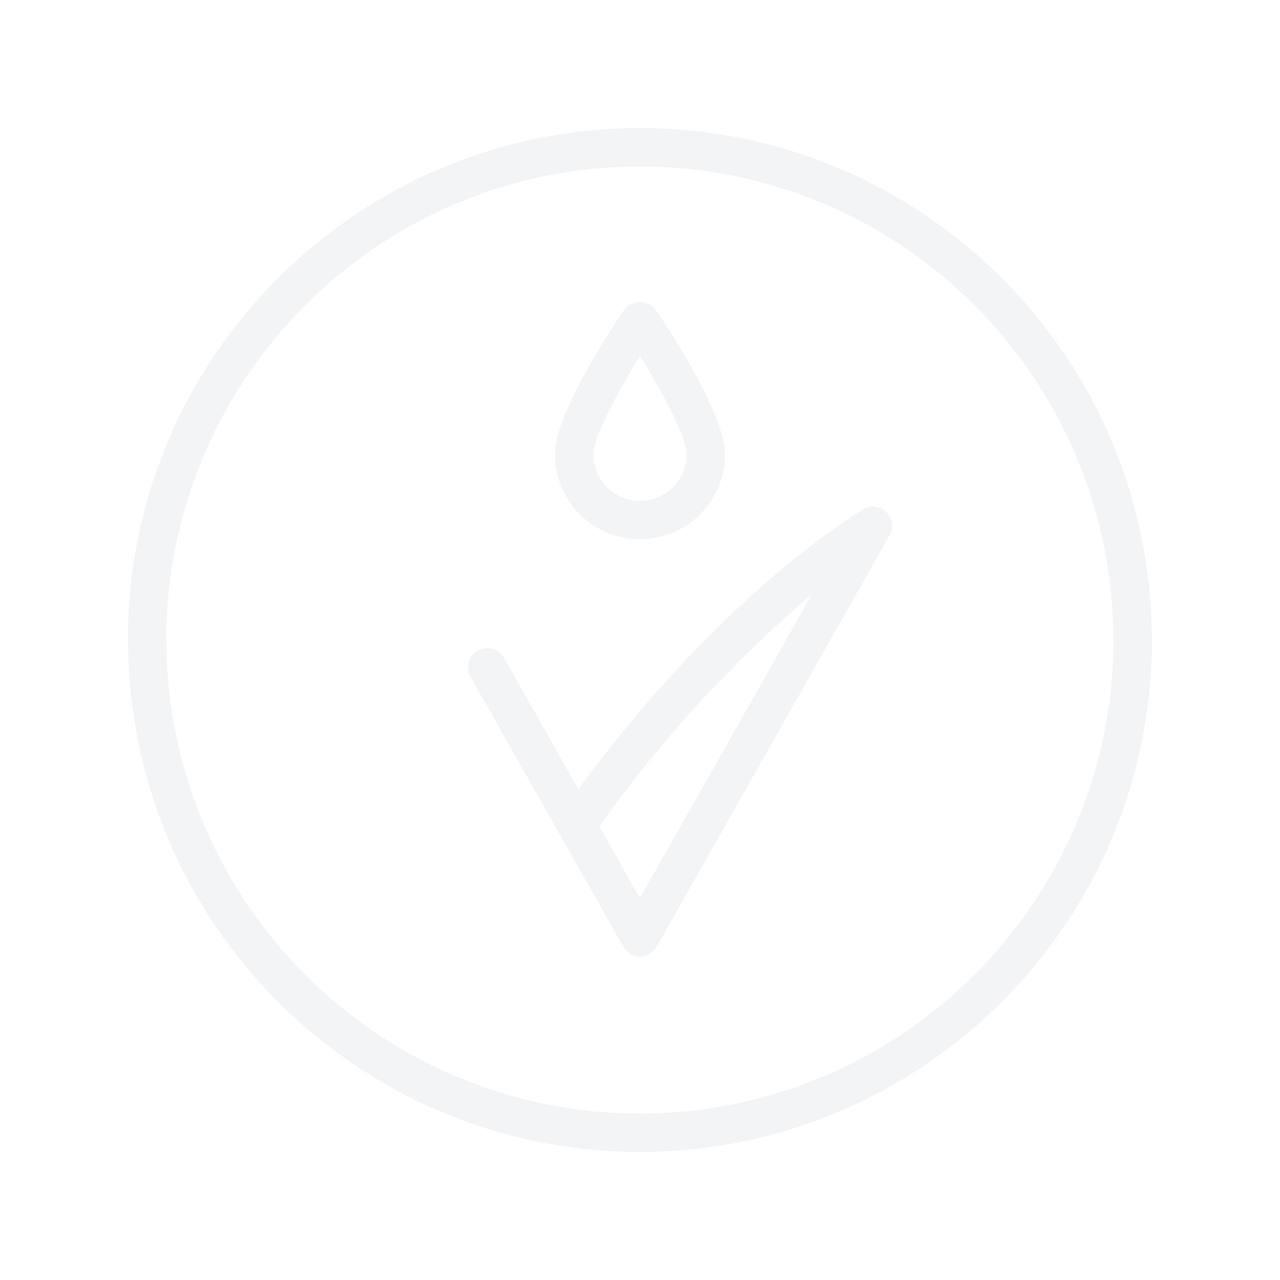 MISSHA Phytochemical Chlorophyll Sheet Mask 25ml